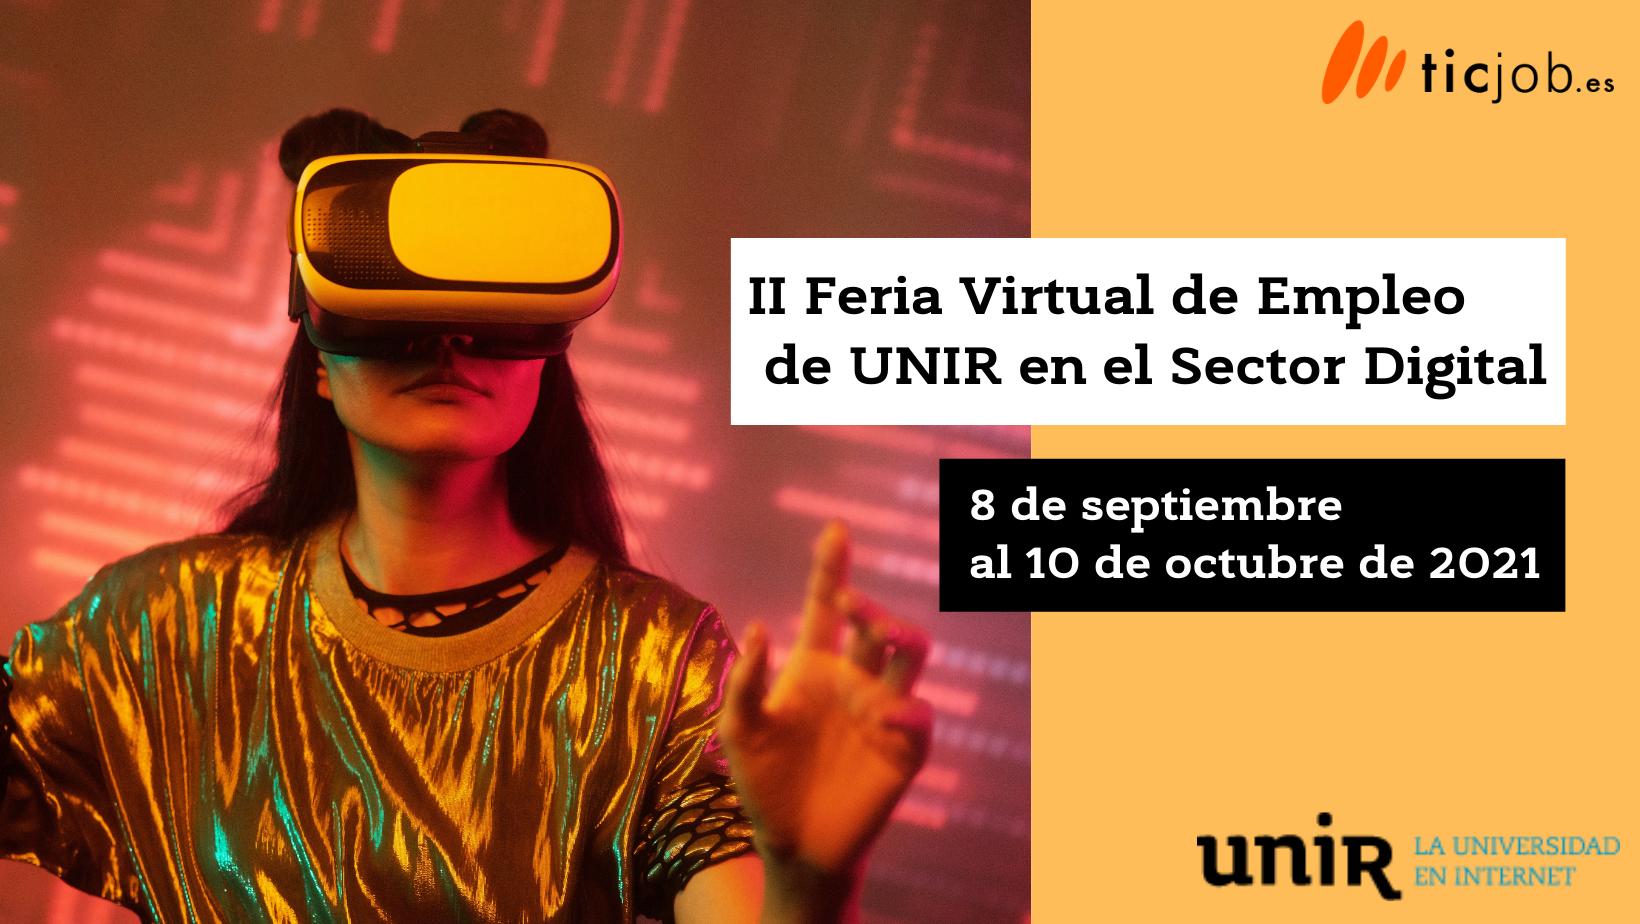 II Feria de Empleo Virtual de Unir